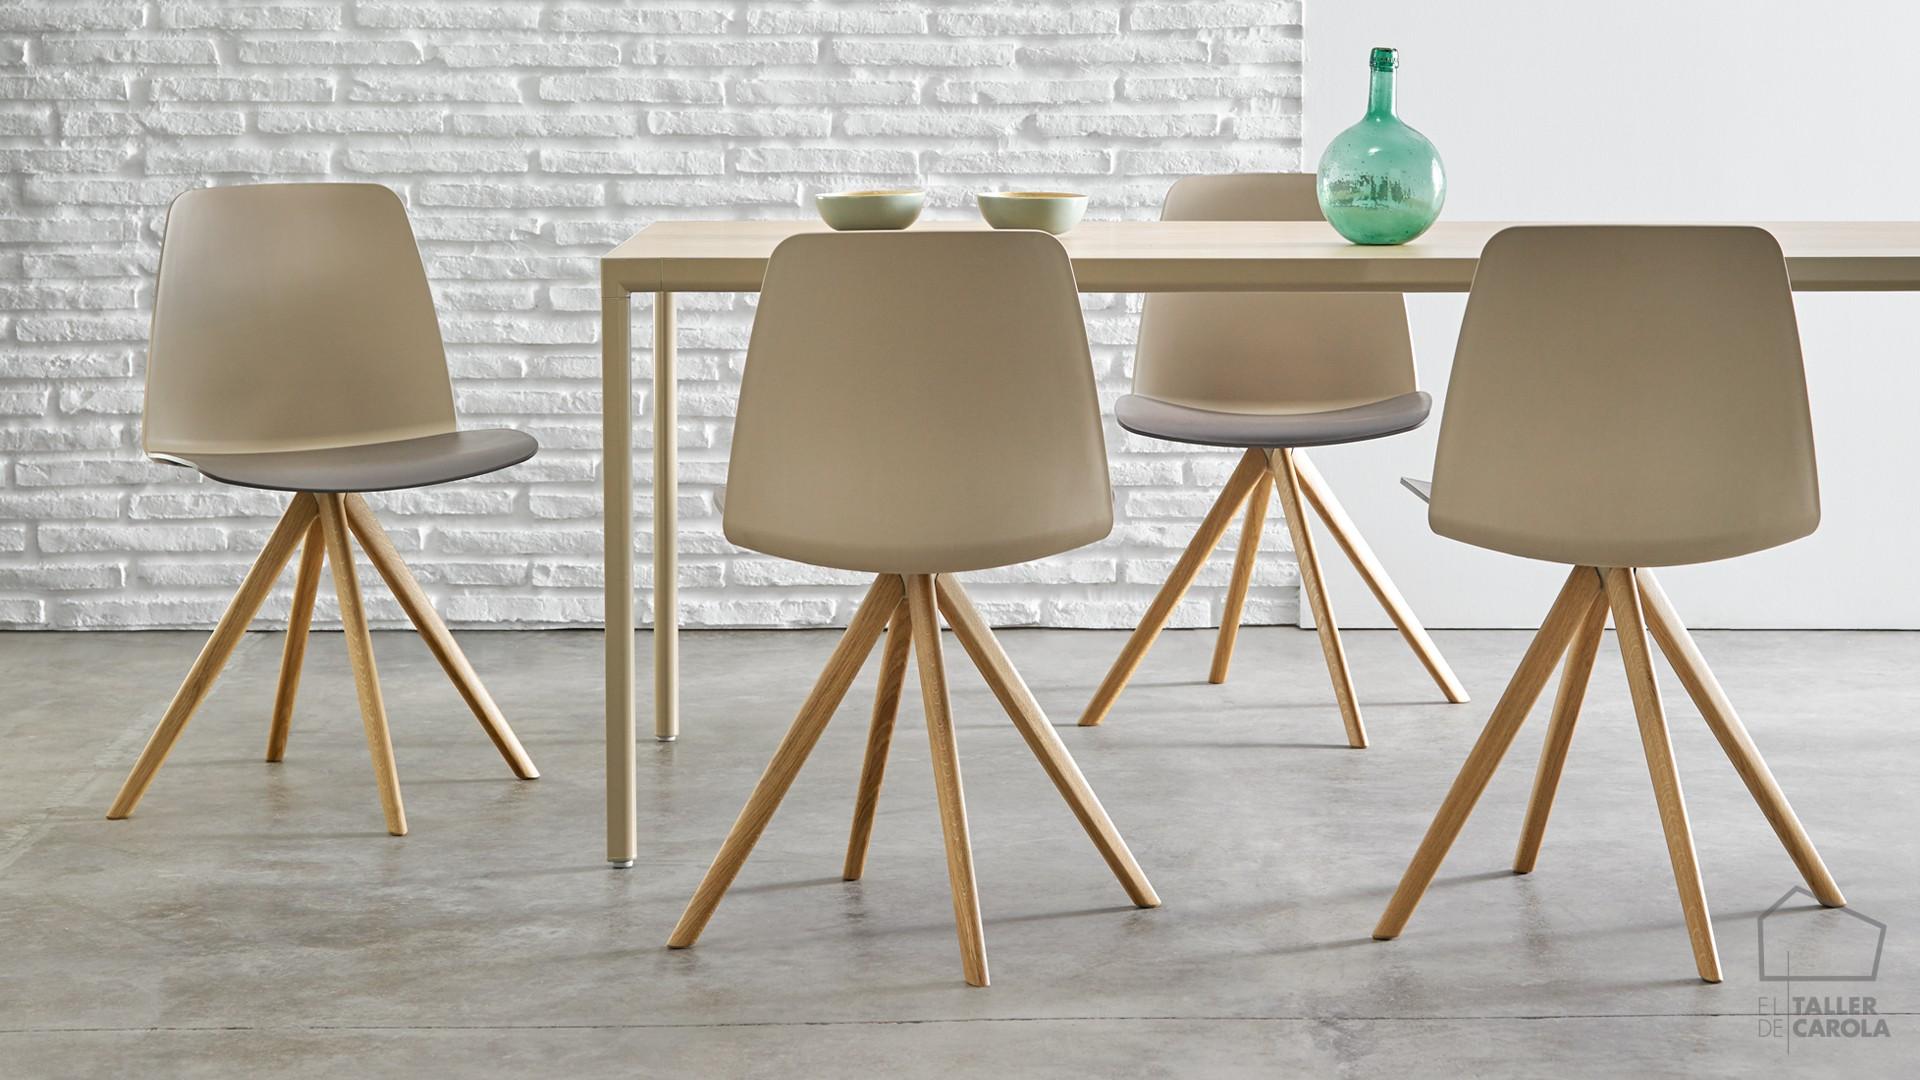 062unn0055ma-silla-polipropileno-patas-madera-nordica